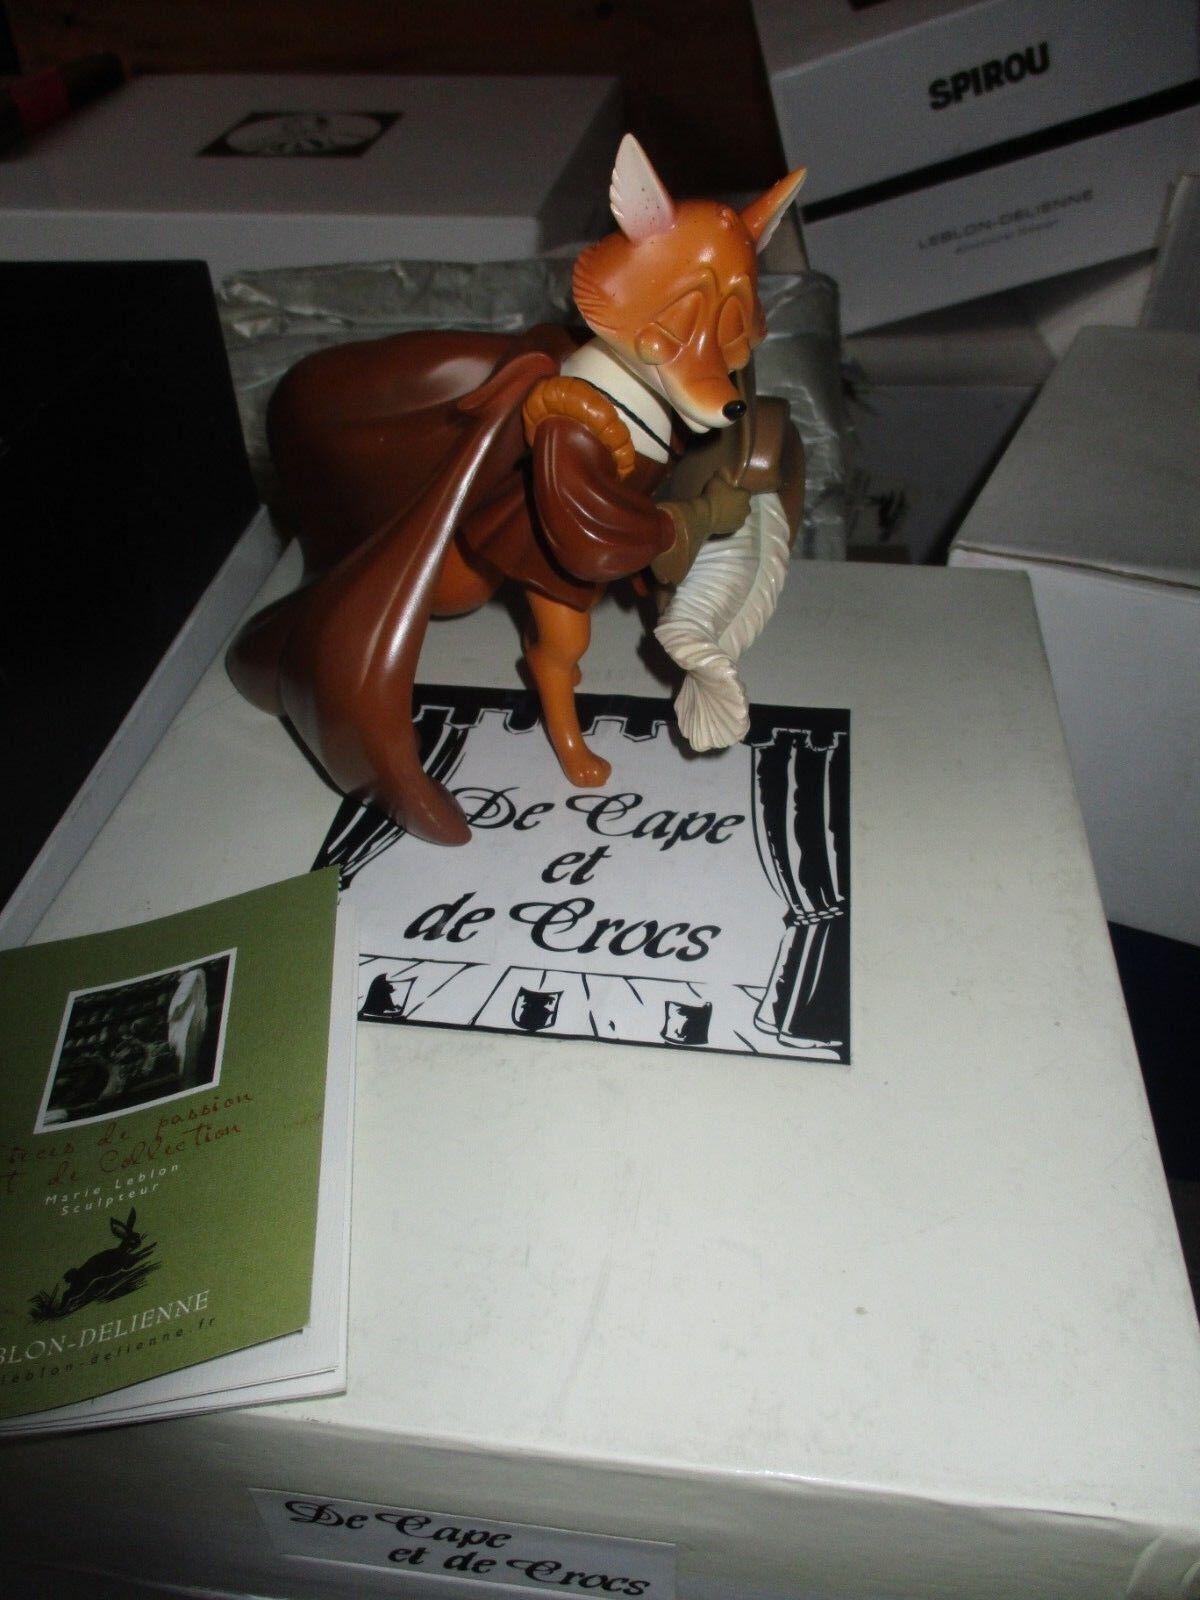 Leblon Delienne-Masbou-Statuette Armand-Boite&Certificat Armand-Boite&Certificat Armand-Boite&Certificat ok-650 exemplaires 8d9047